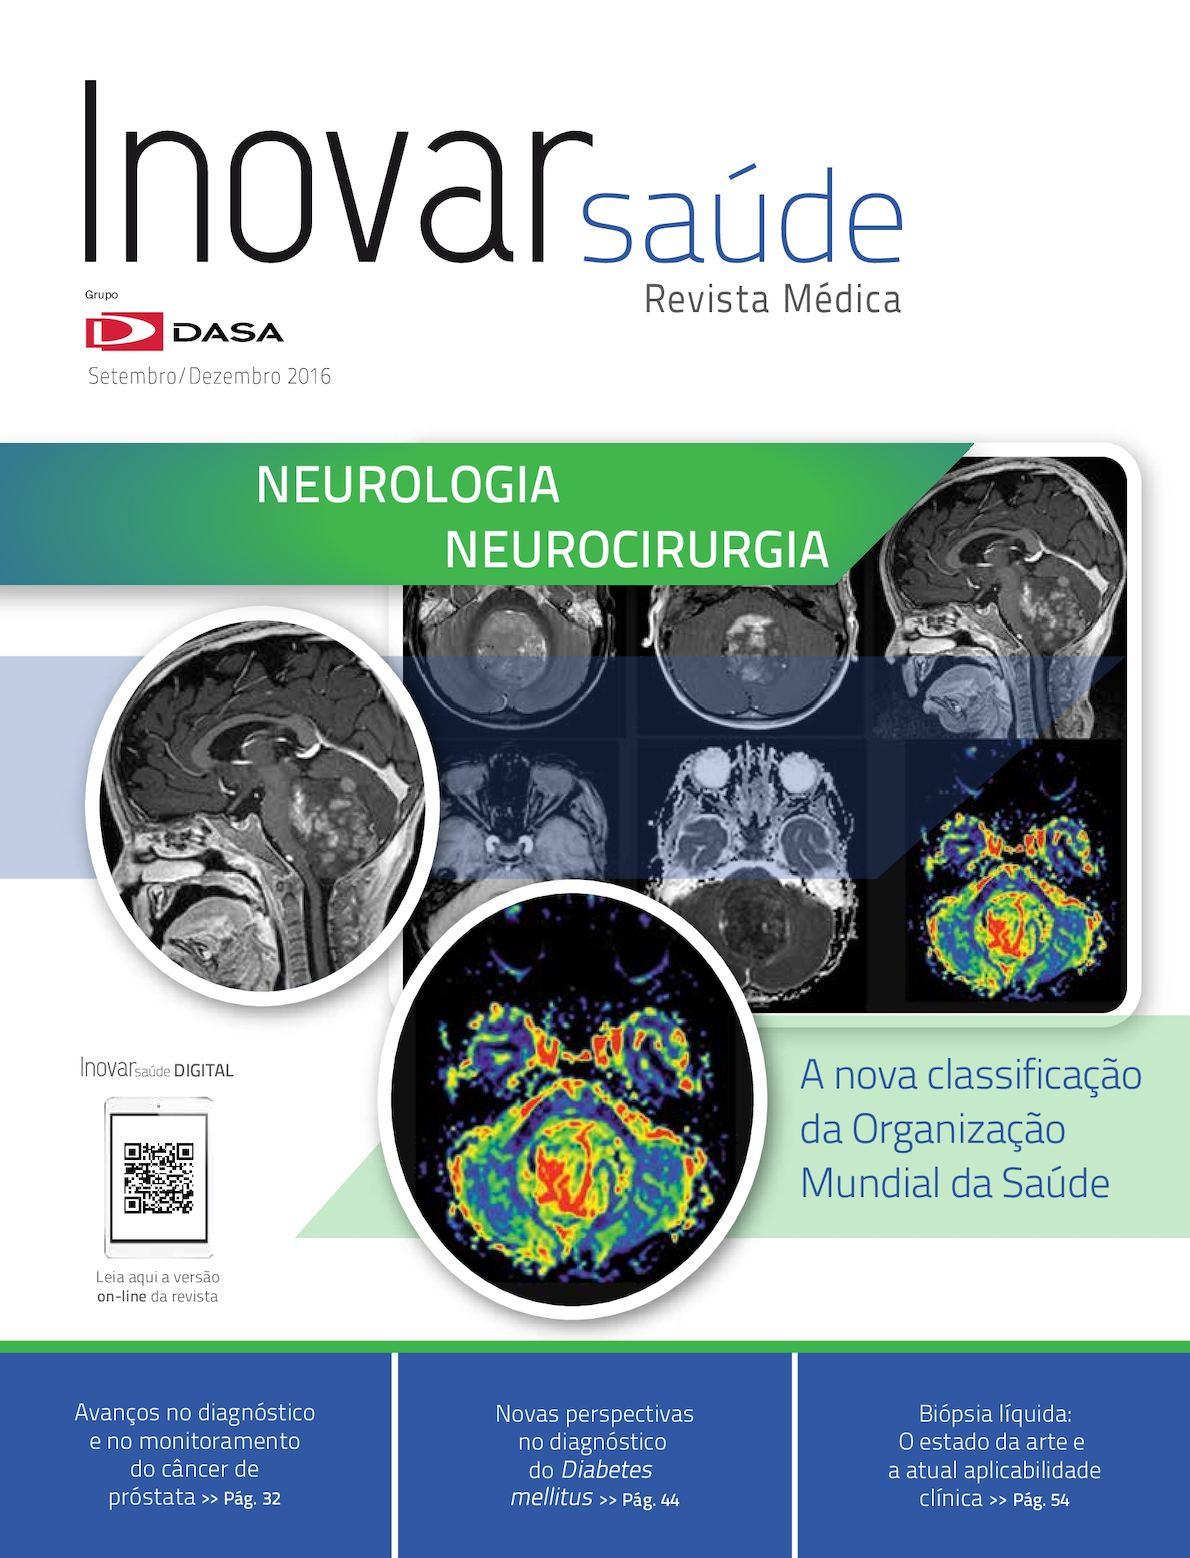 biopsia prostatica non invasiva